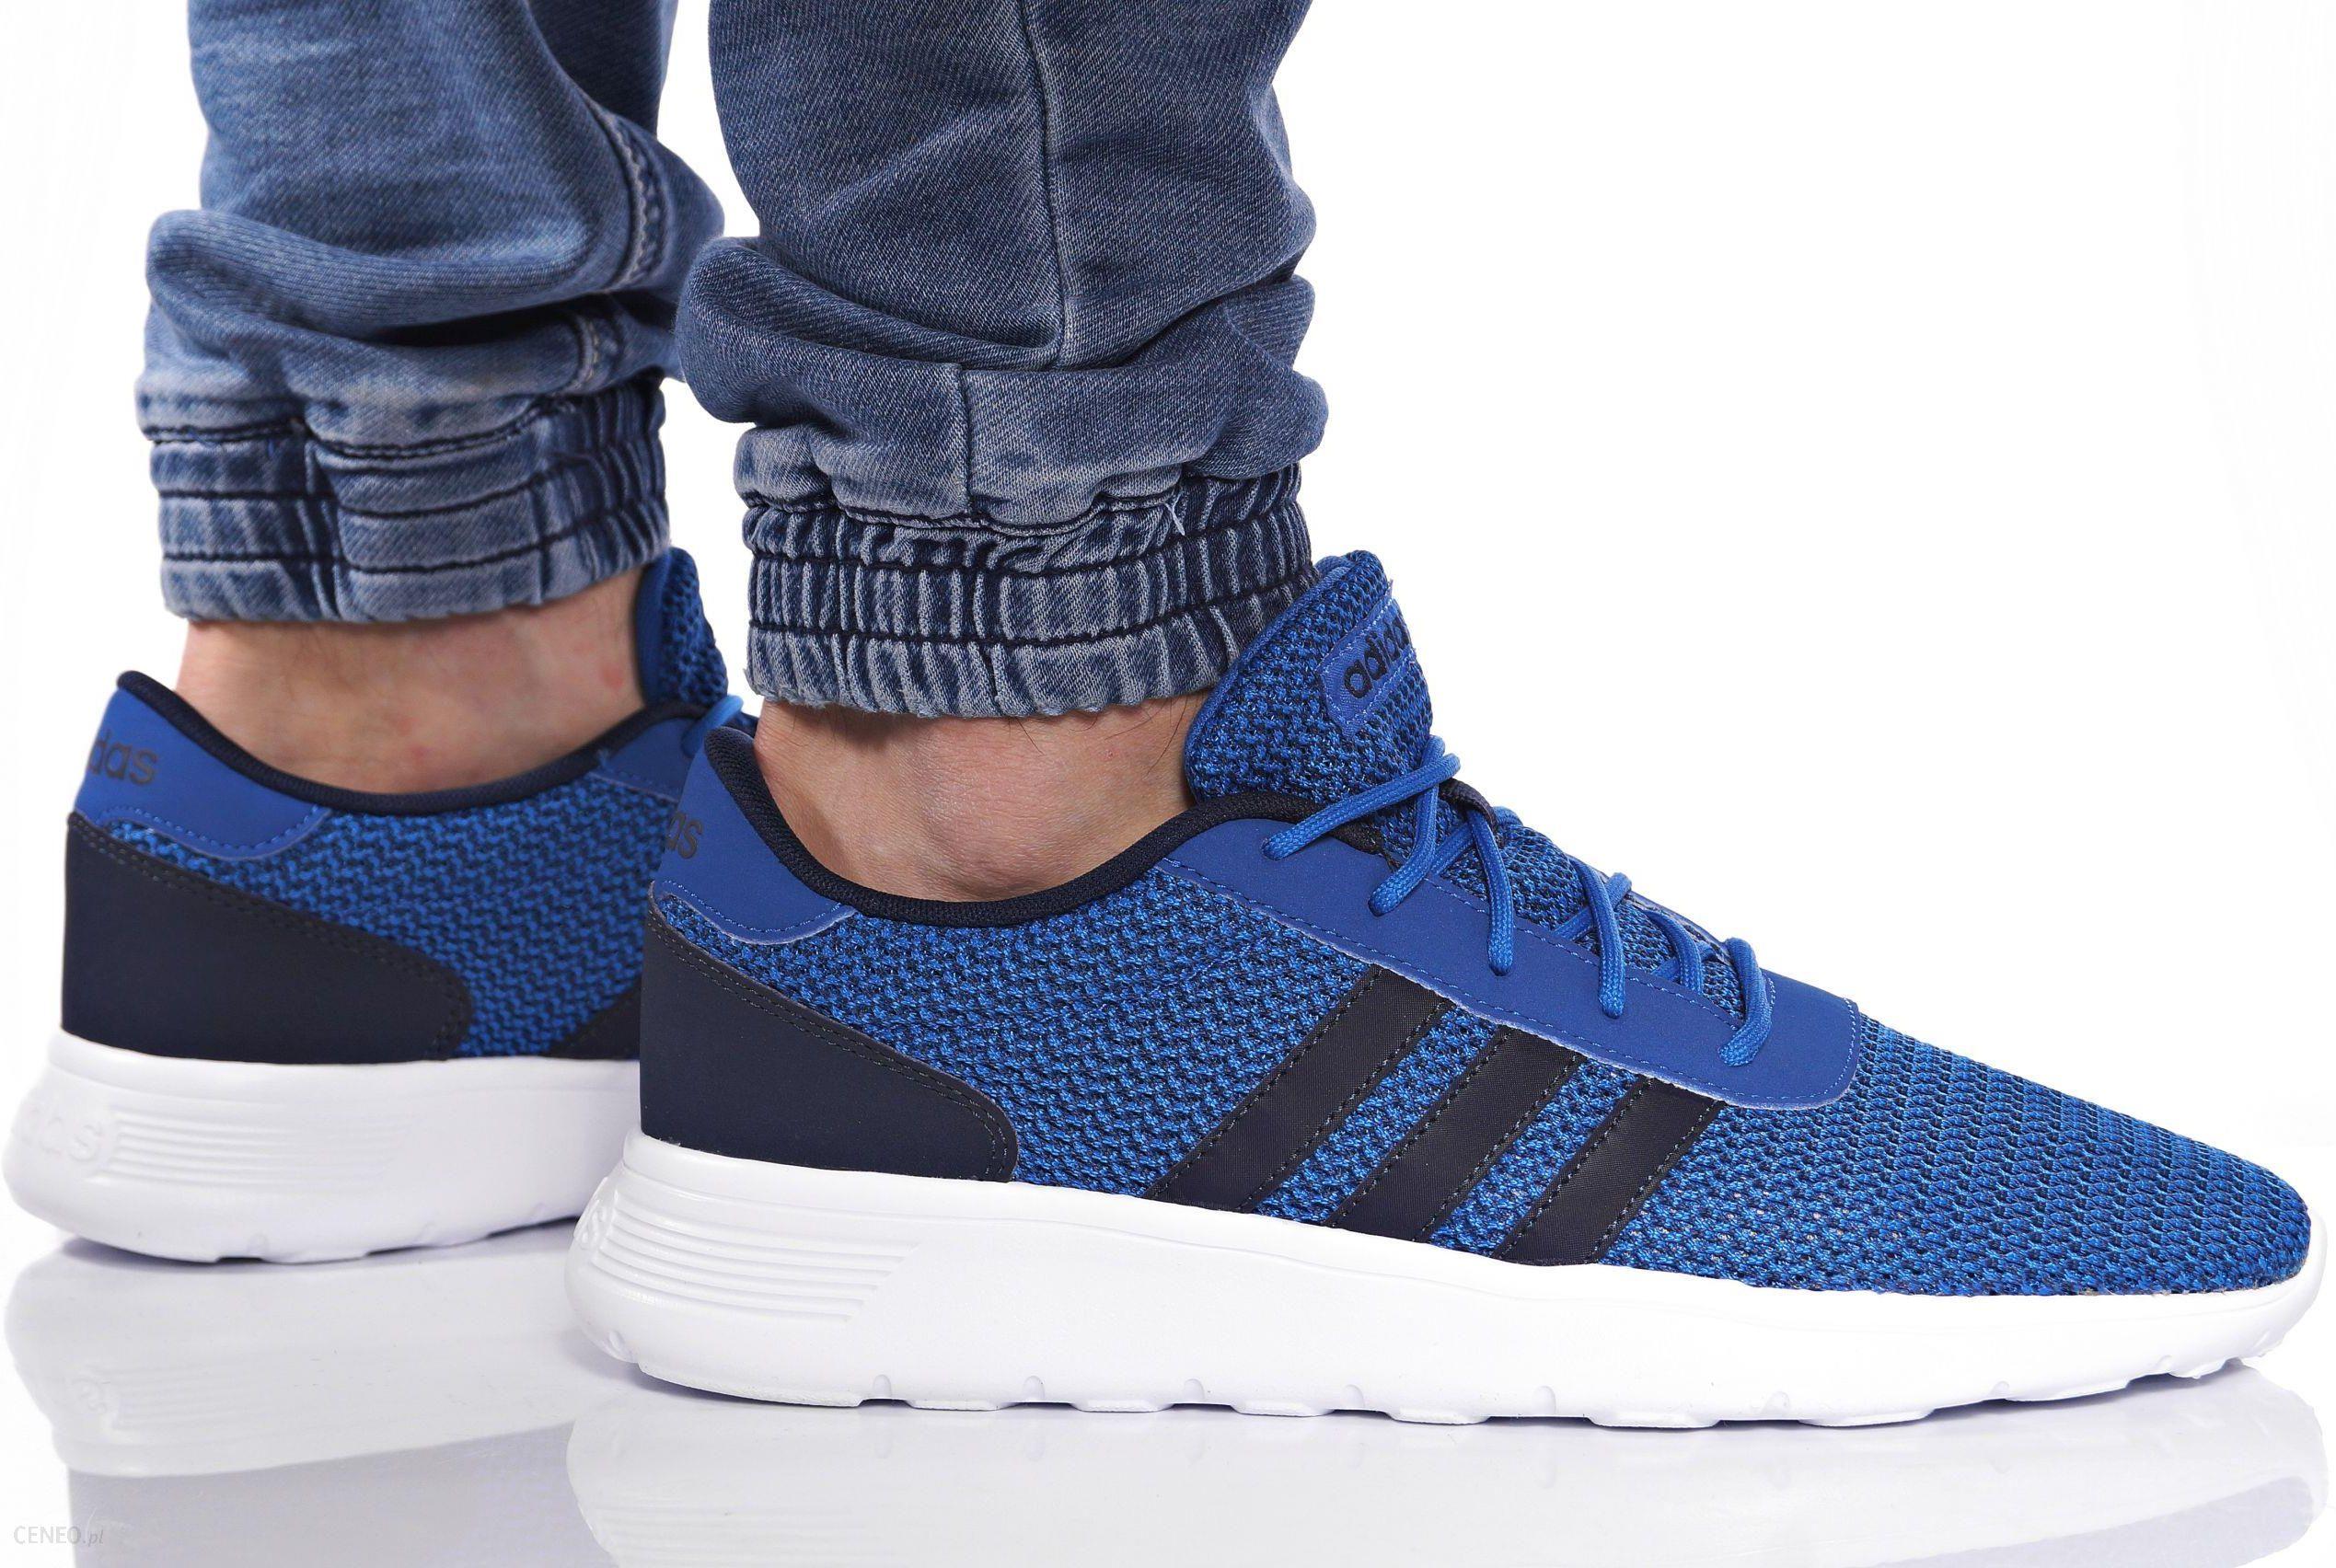 Buty Adidas Lite Racer F99418 Niebieskie Nowość - Ceny i opinie ... fb0edfe9cc5dd